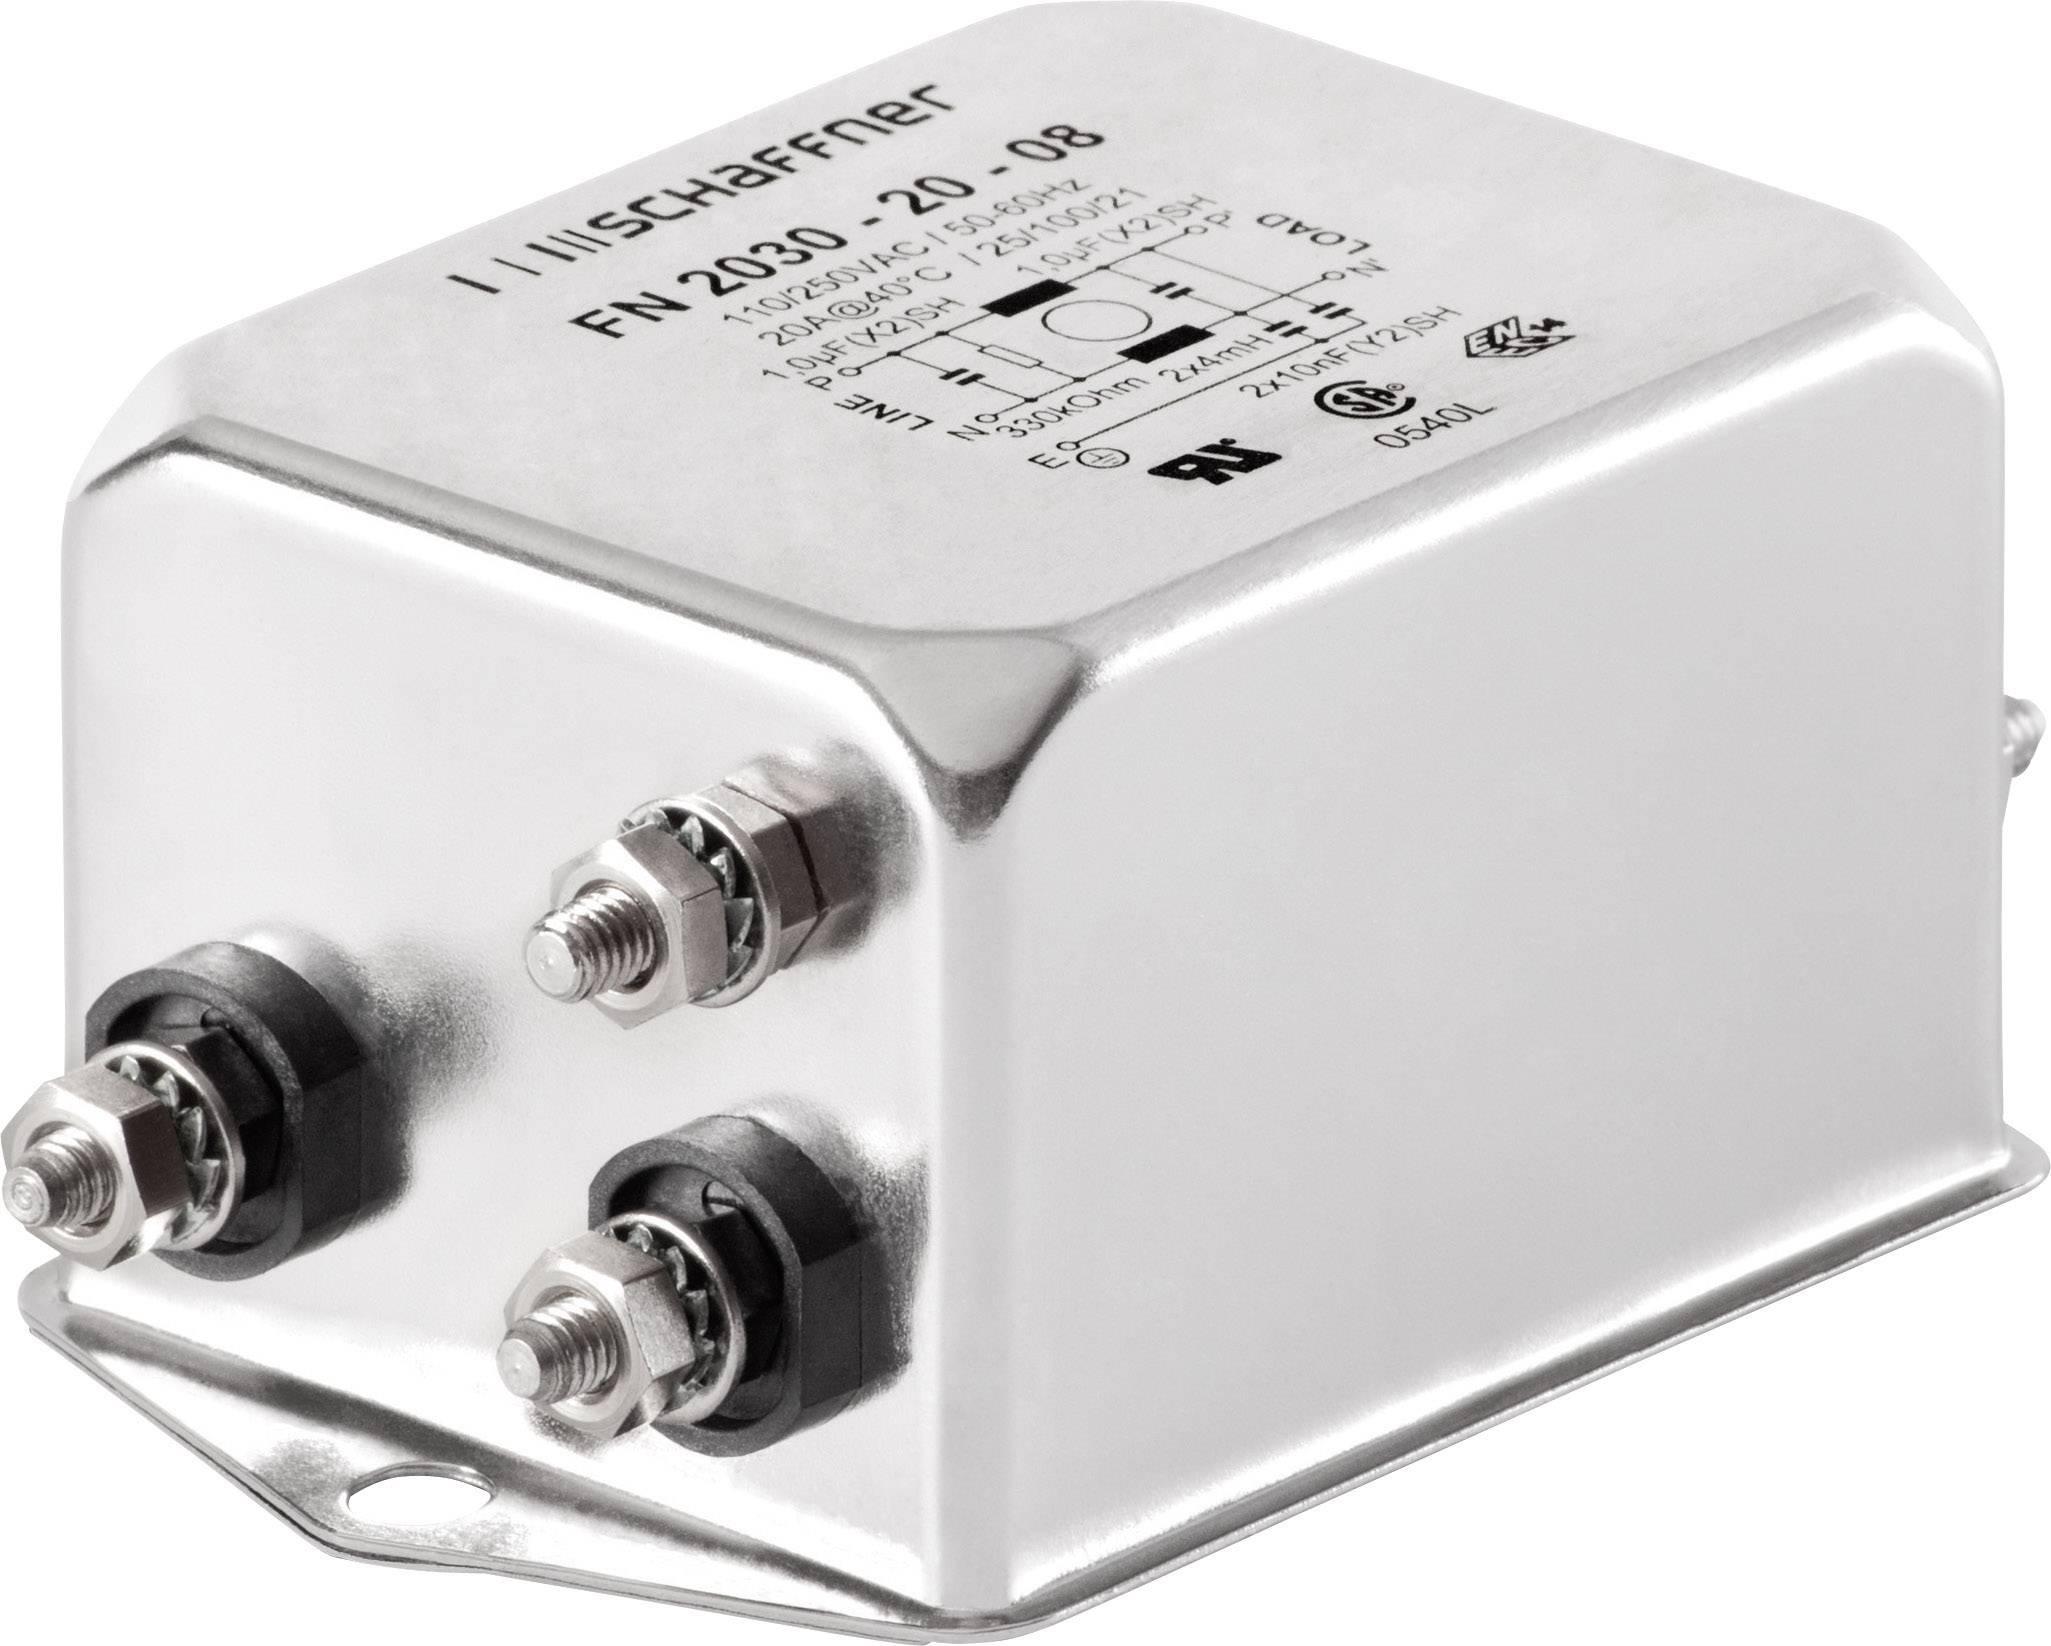 Odrušovací filter Schaffner FN2030-3-06 FN2030-3-06, 250 V/AC, 3 A, 14 mH, (d x š x v) 71 x 46.6 x 22.3 mm, 1 ks